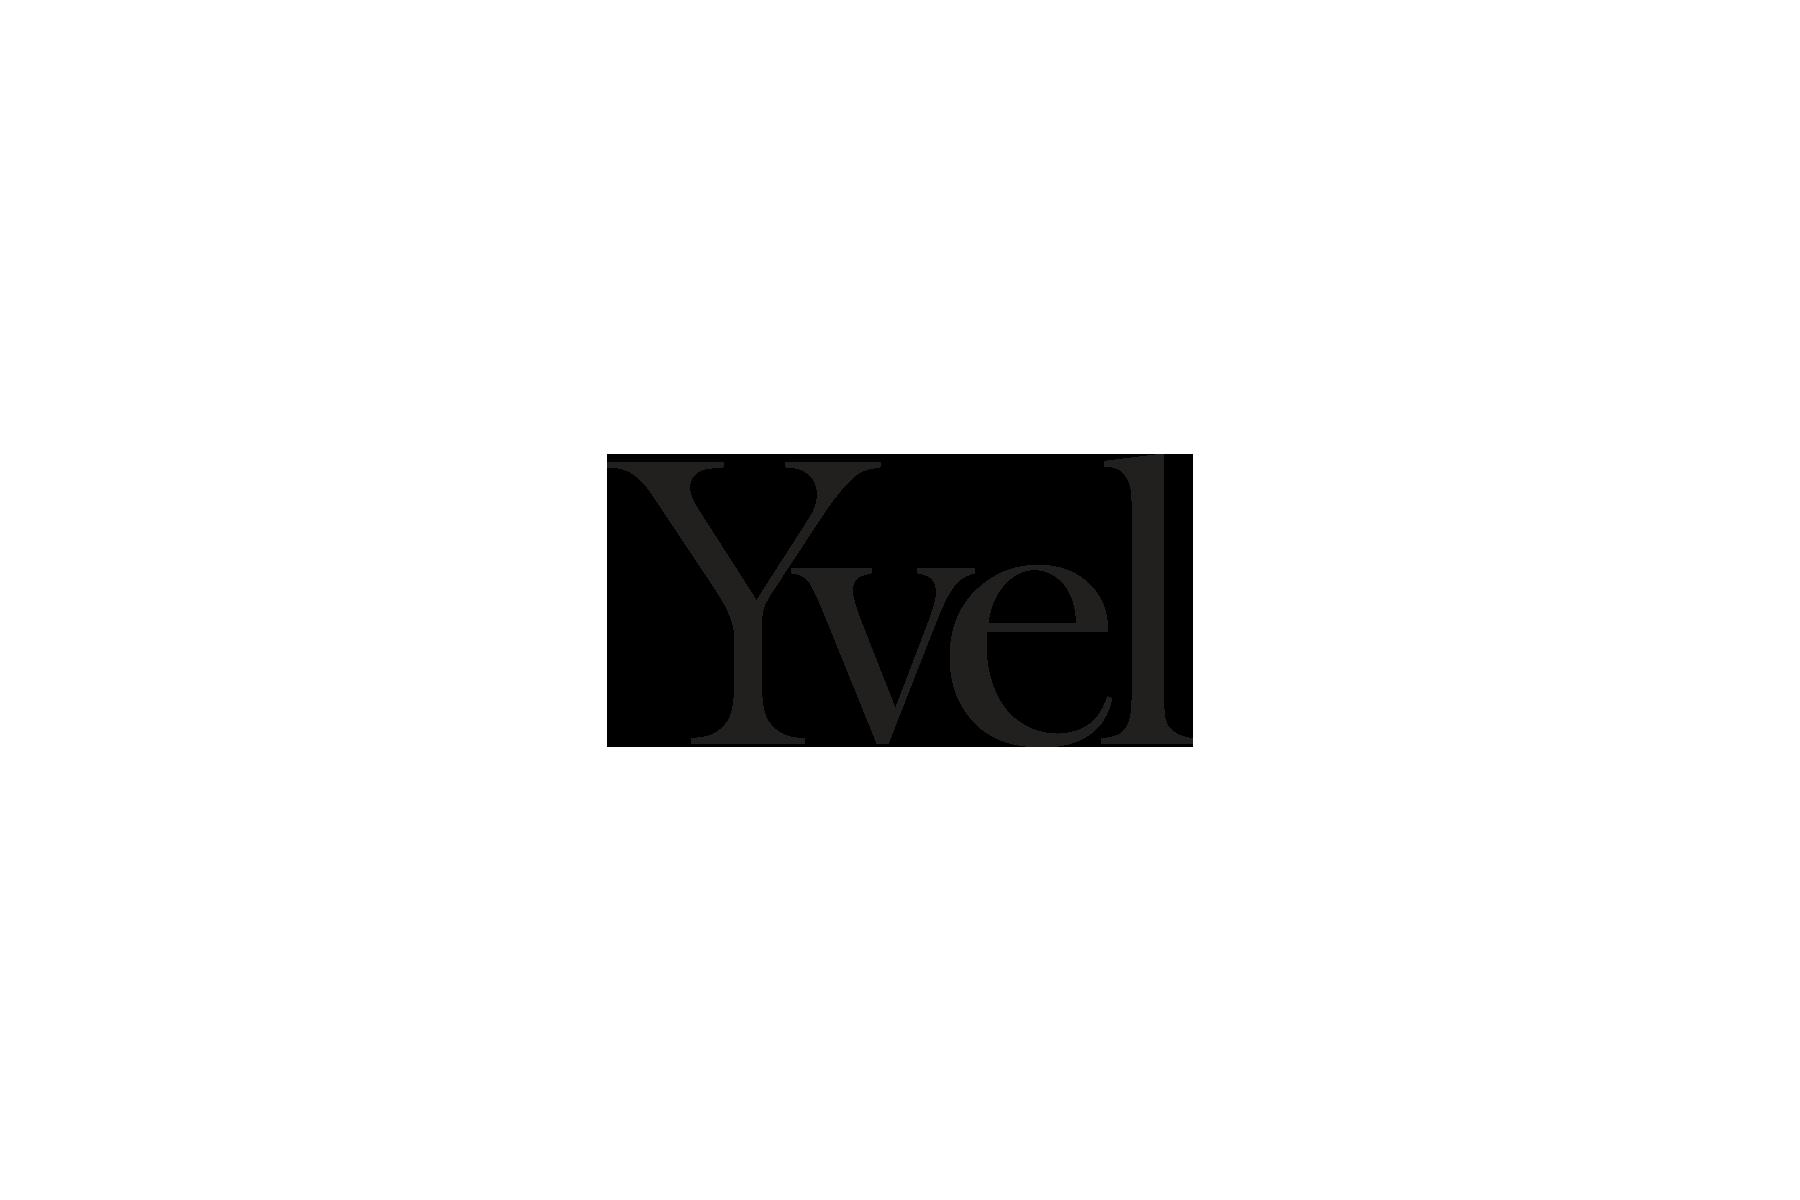 Yvel-Logo.png